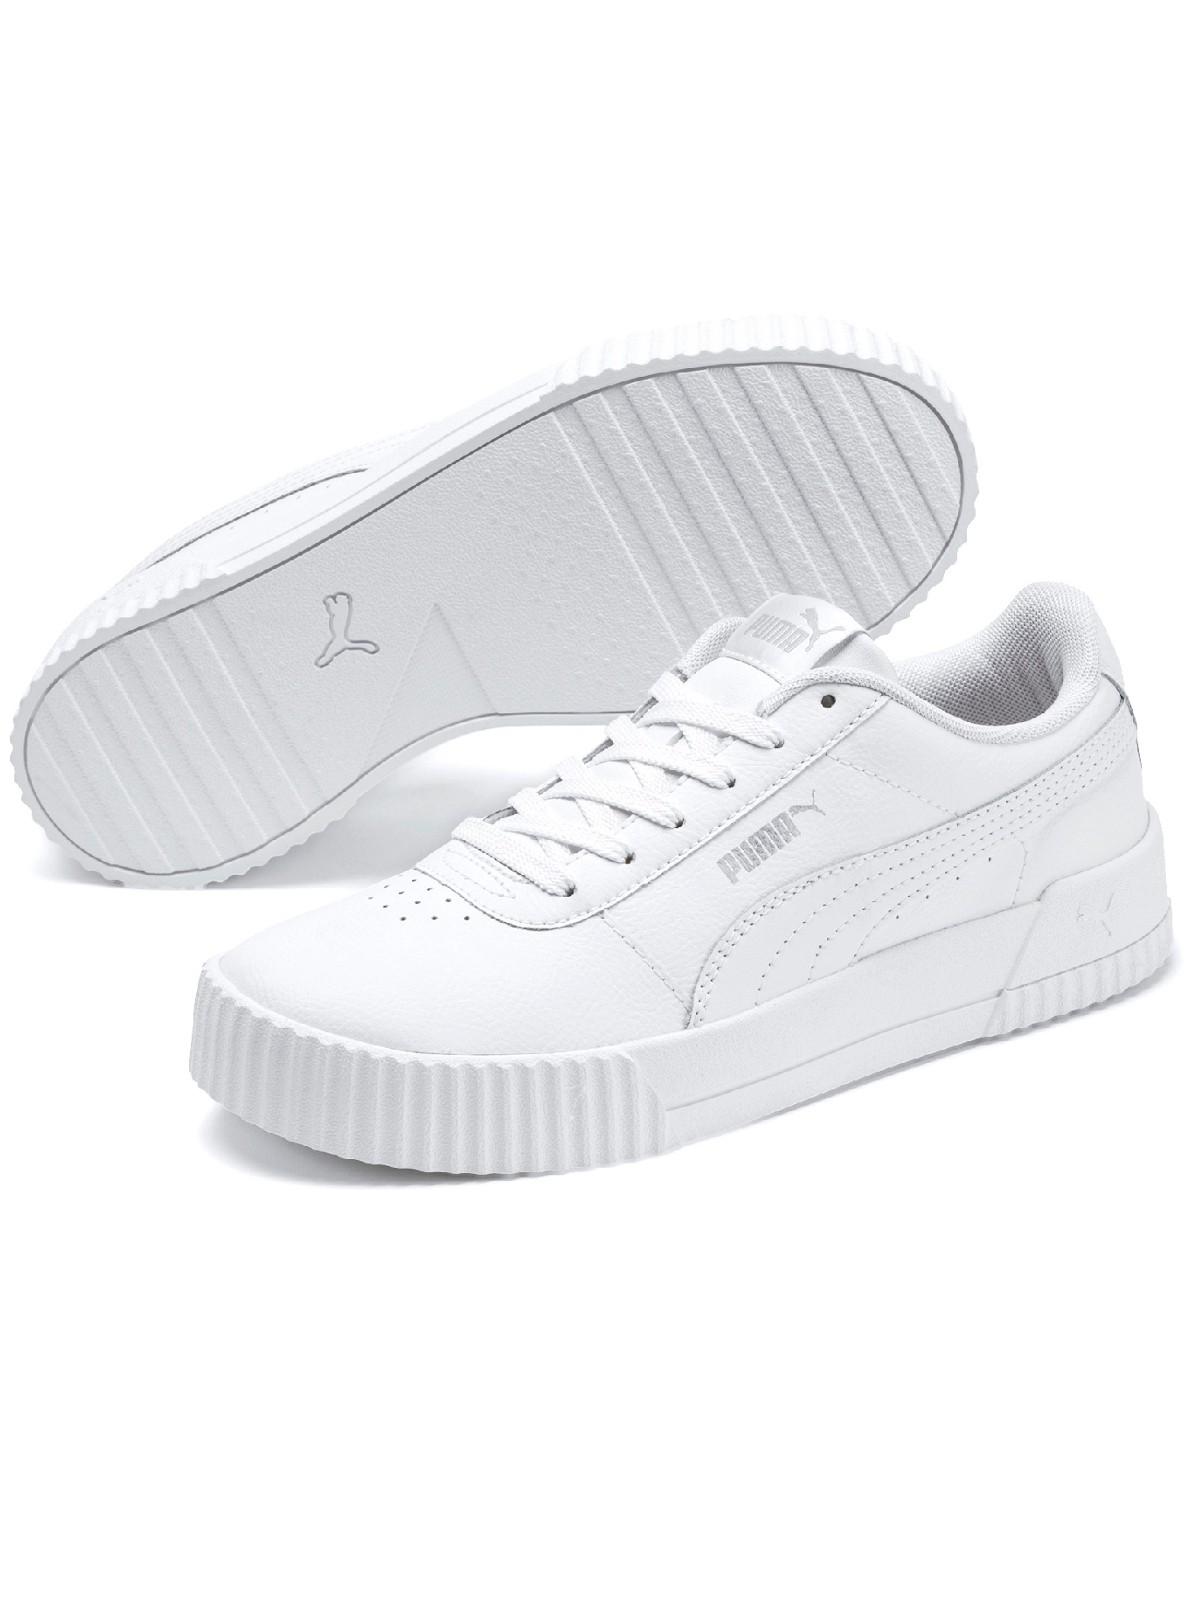 Baskets Puma blanche femme (36-41) - DistriCenter